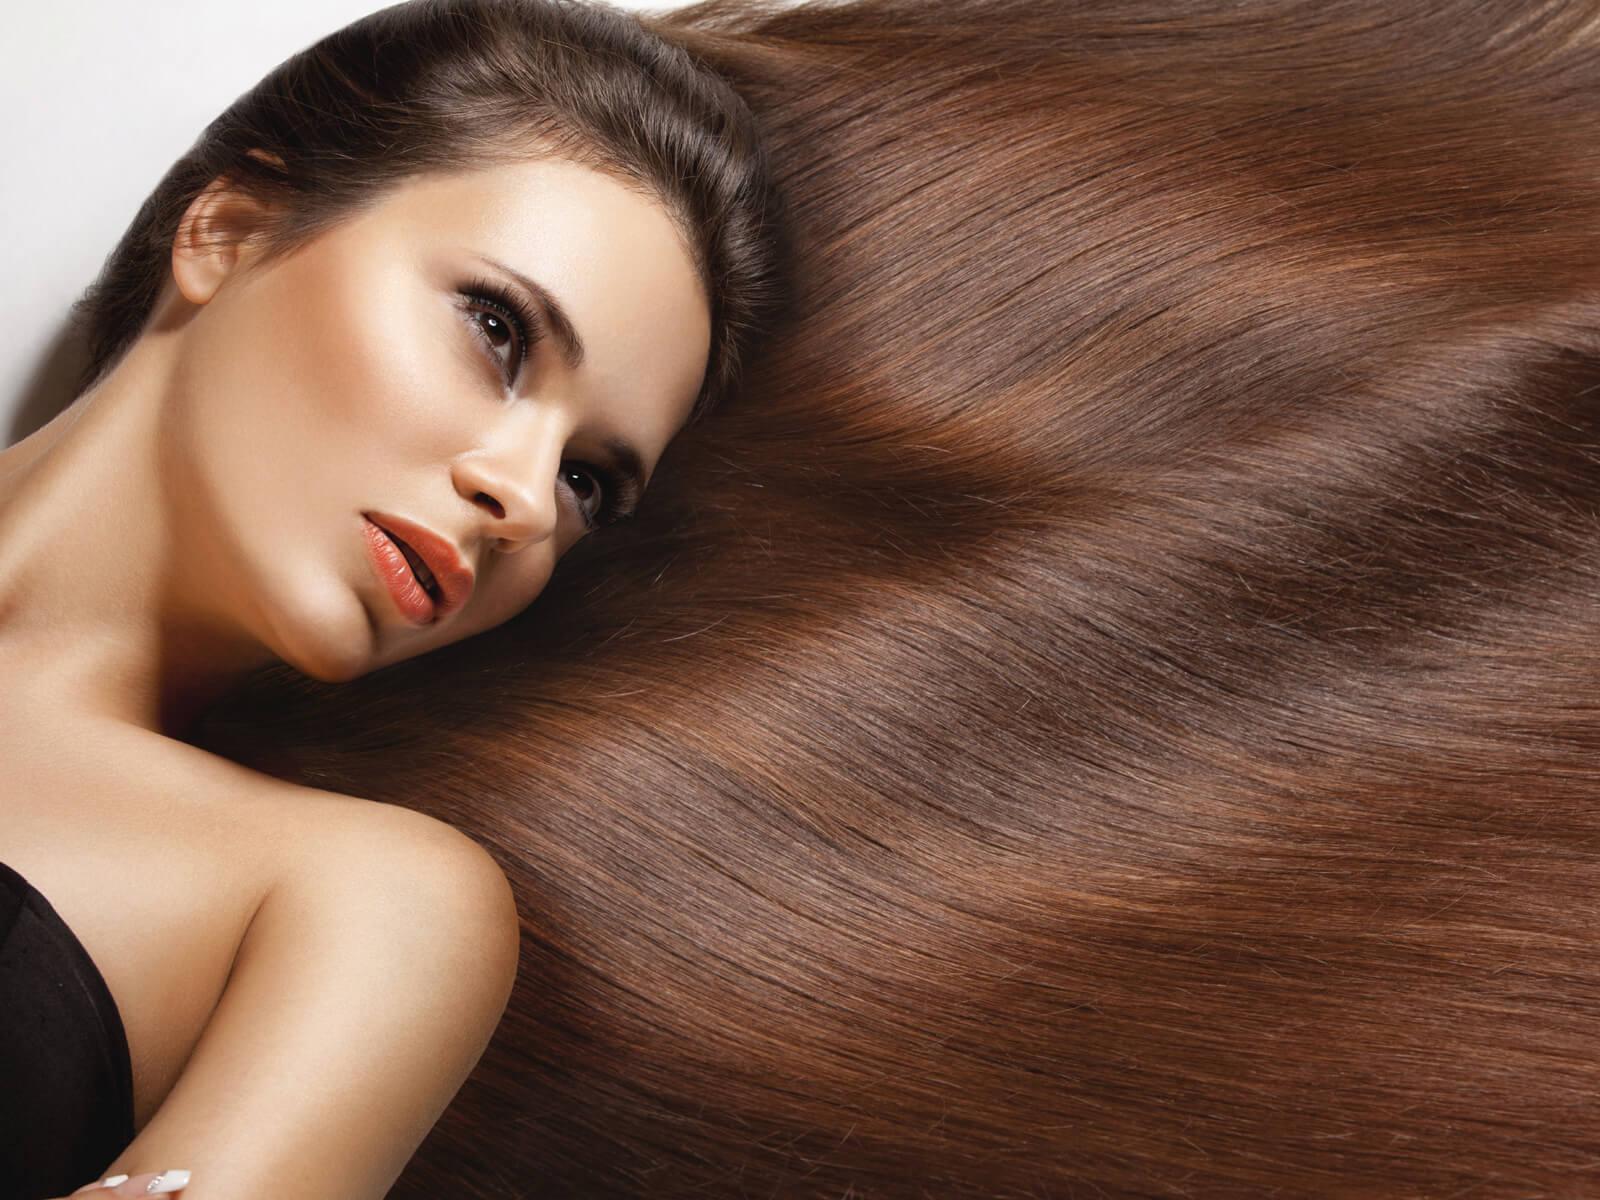 Волосы — википедия переиздание // wiki 2